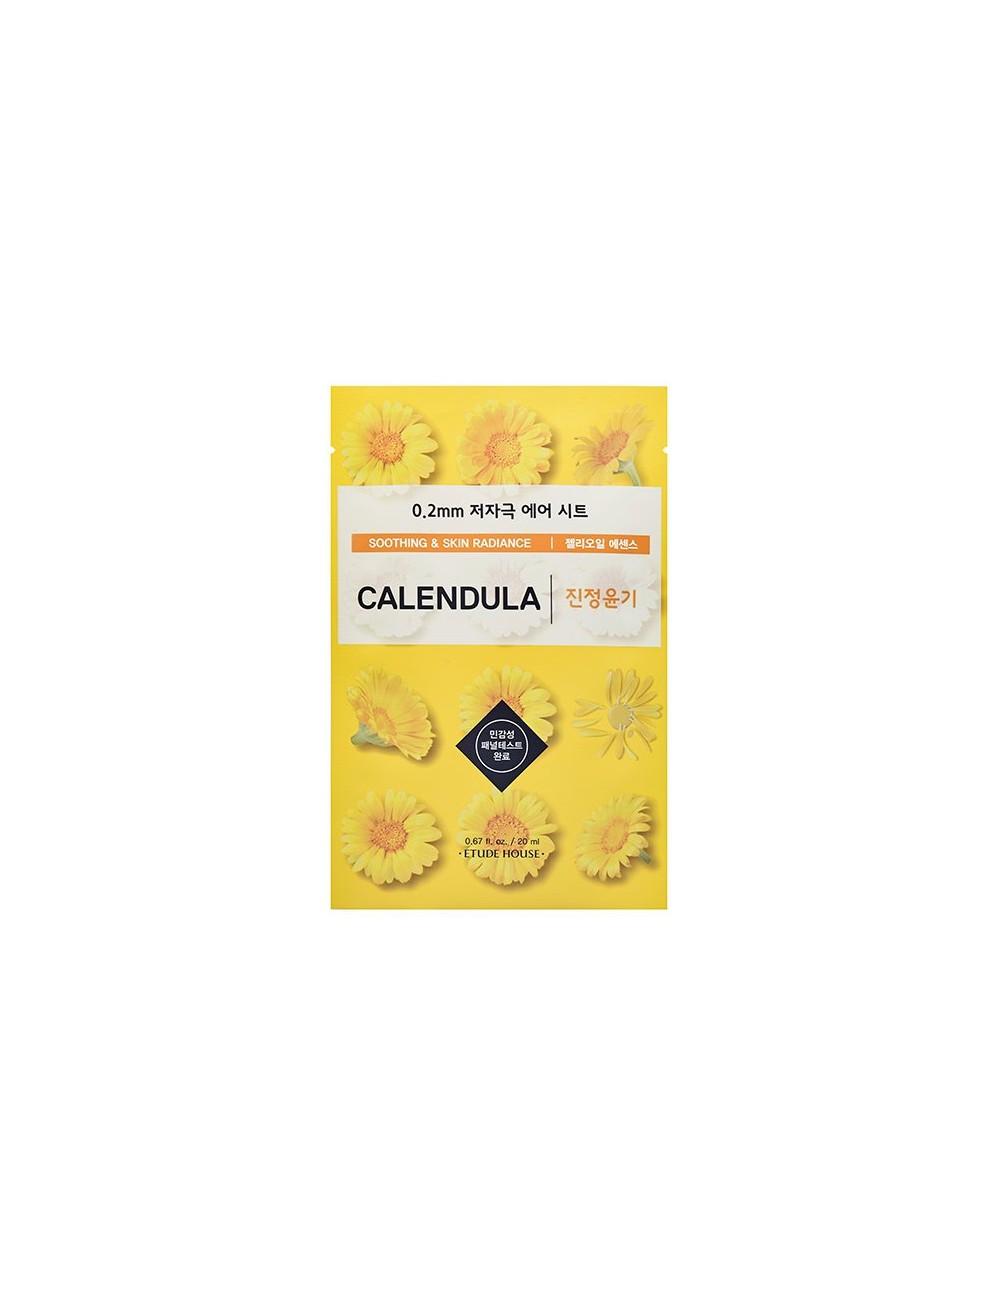 Mascarilla Calmante e Iluminadora Etude House 0.2 Therapy Air Mask Calendula